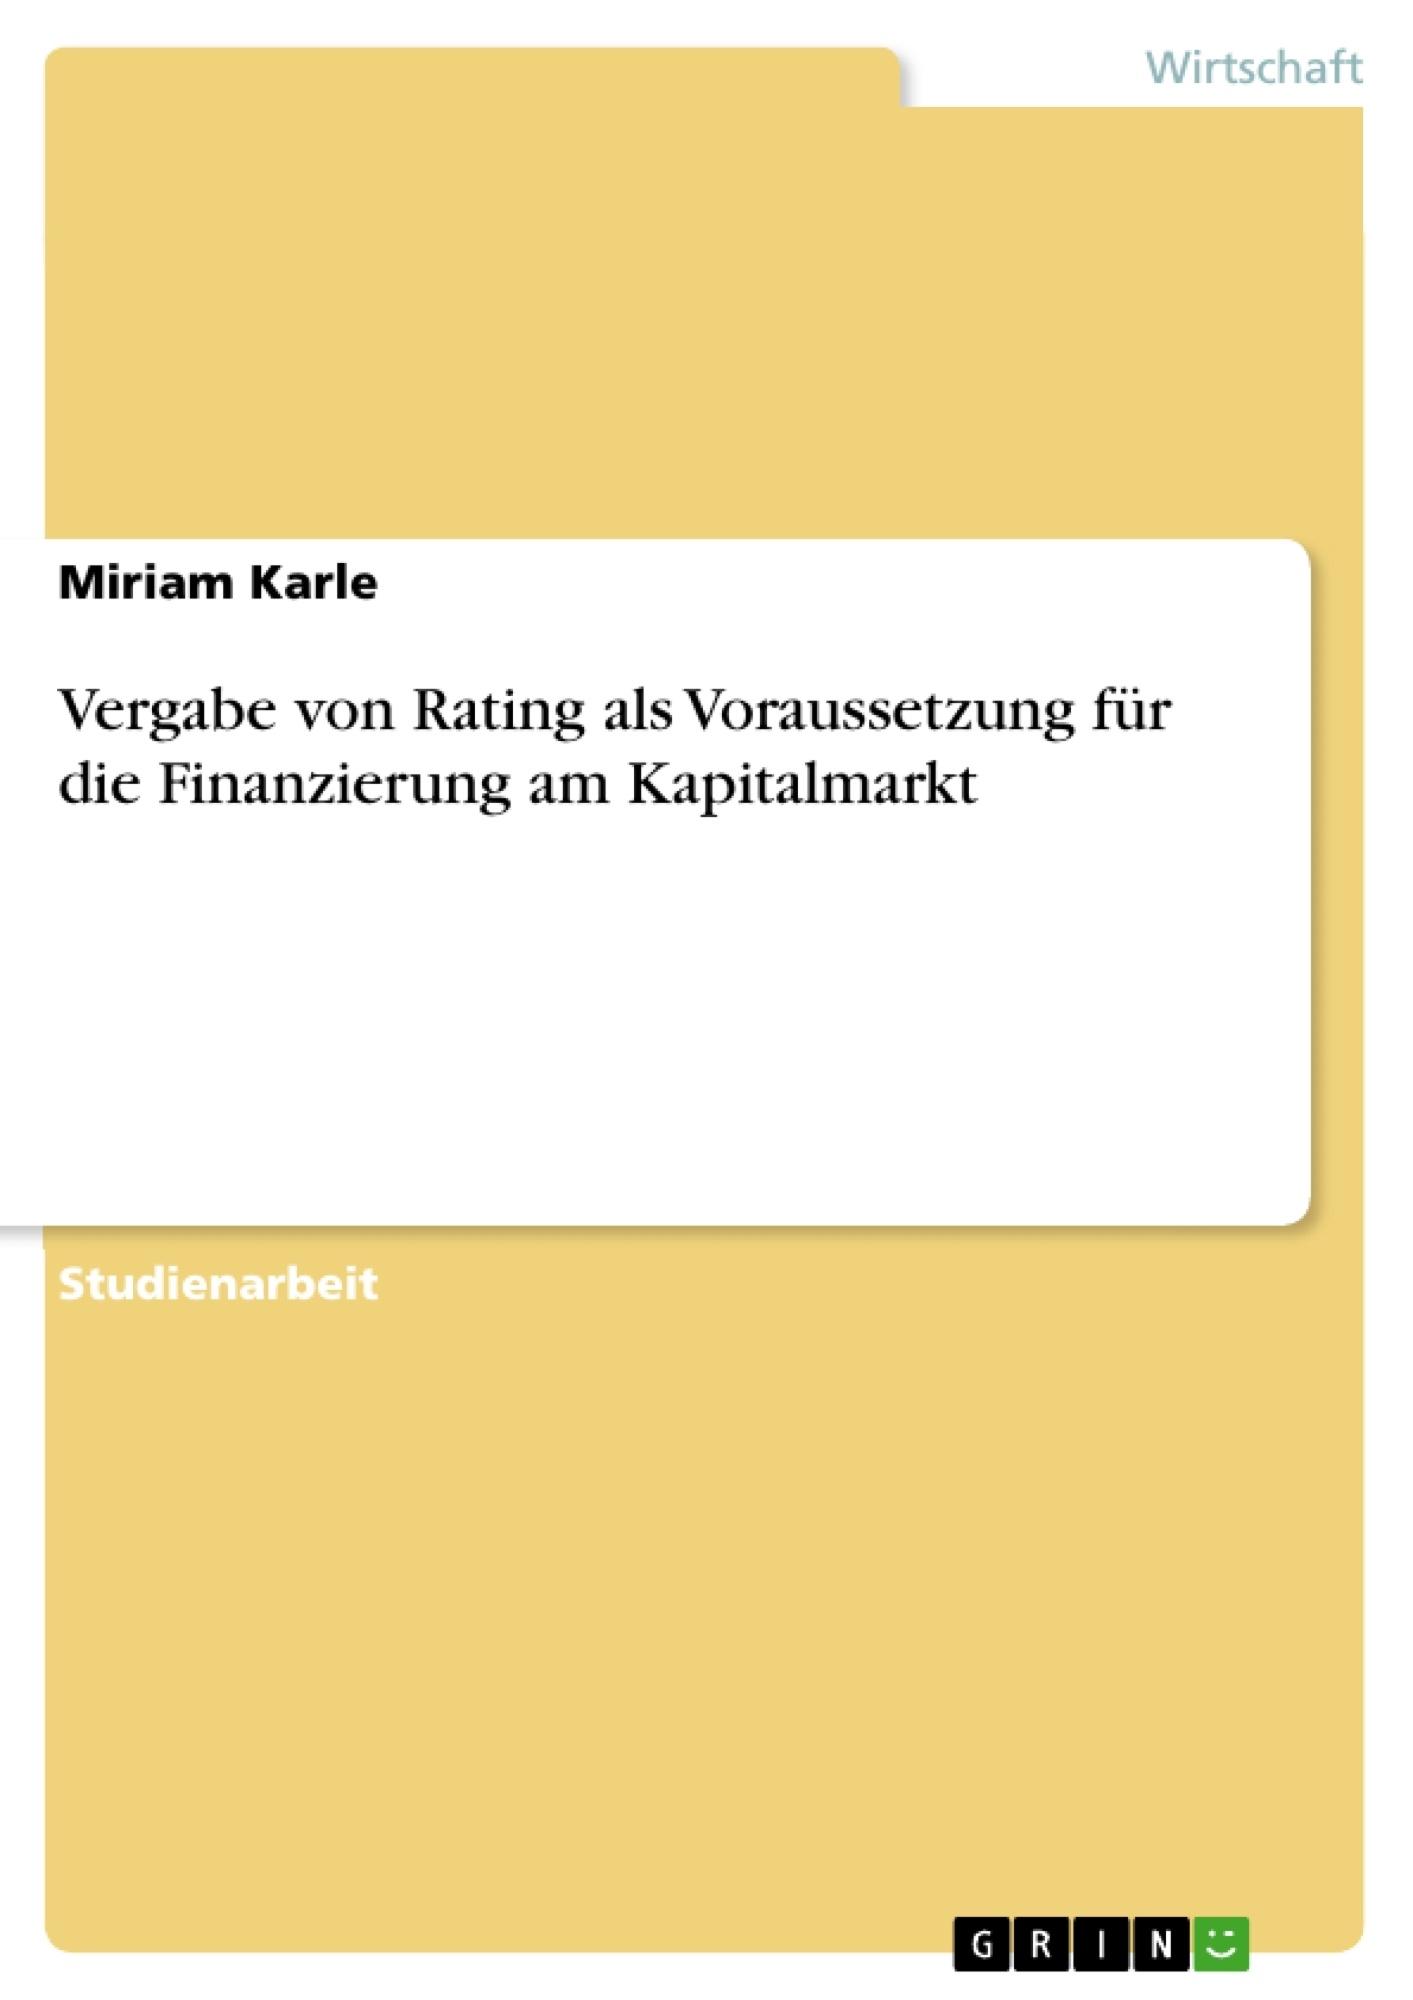 Titel: Vergabe von Rating als Voraussetzung für die Finanzierung am Kapitalmarkt